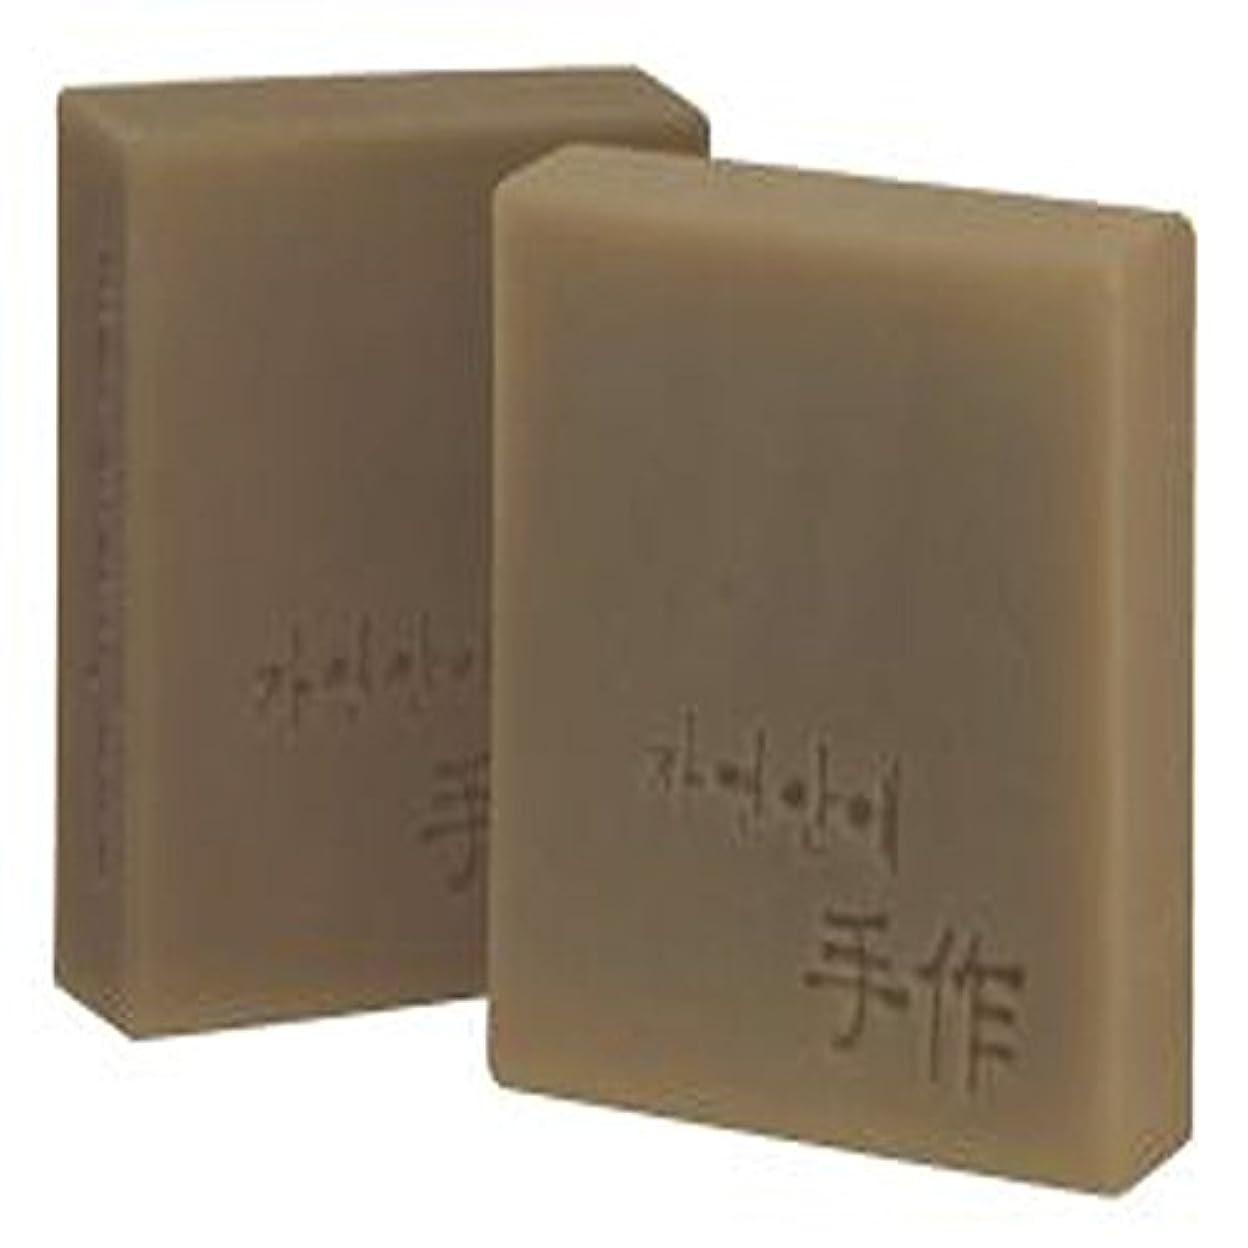 偏見通常かごNatural organic 有機天然ソープ 固形 無添加 洗顔せっけんクレンジング [並行輸入品] (トサジャ)